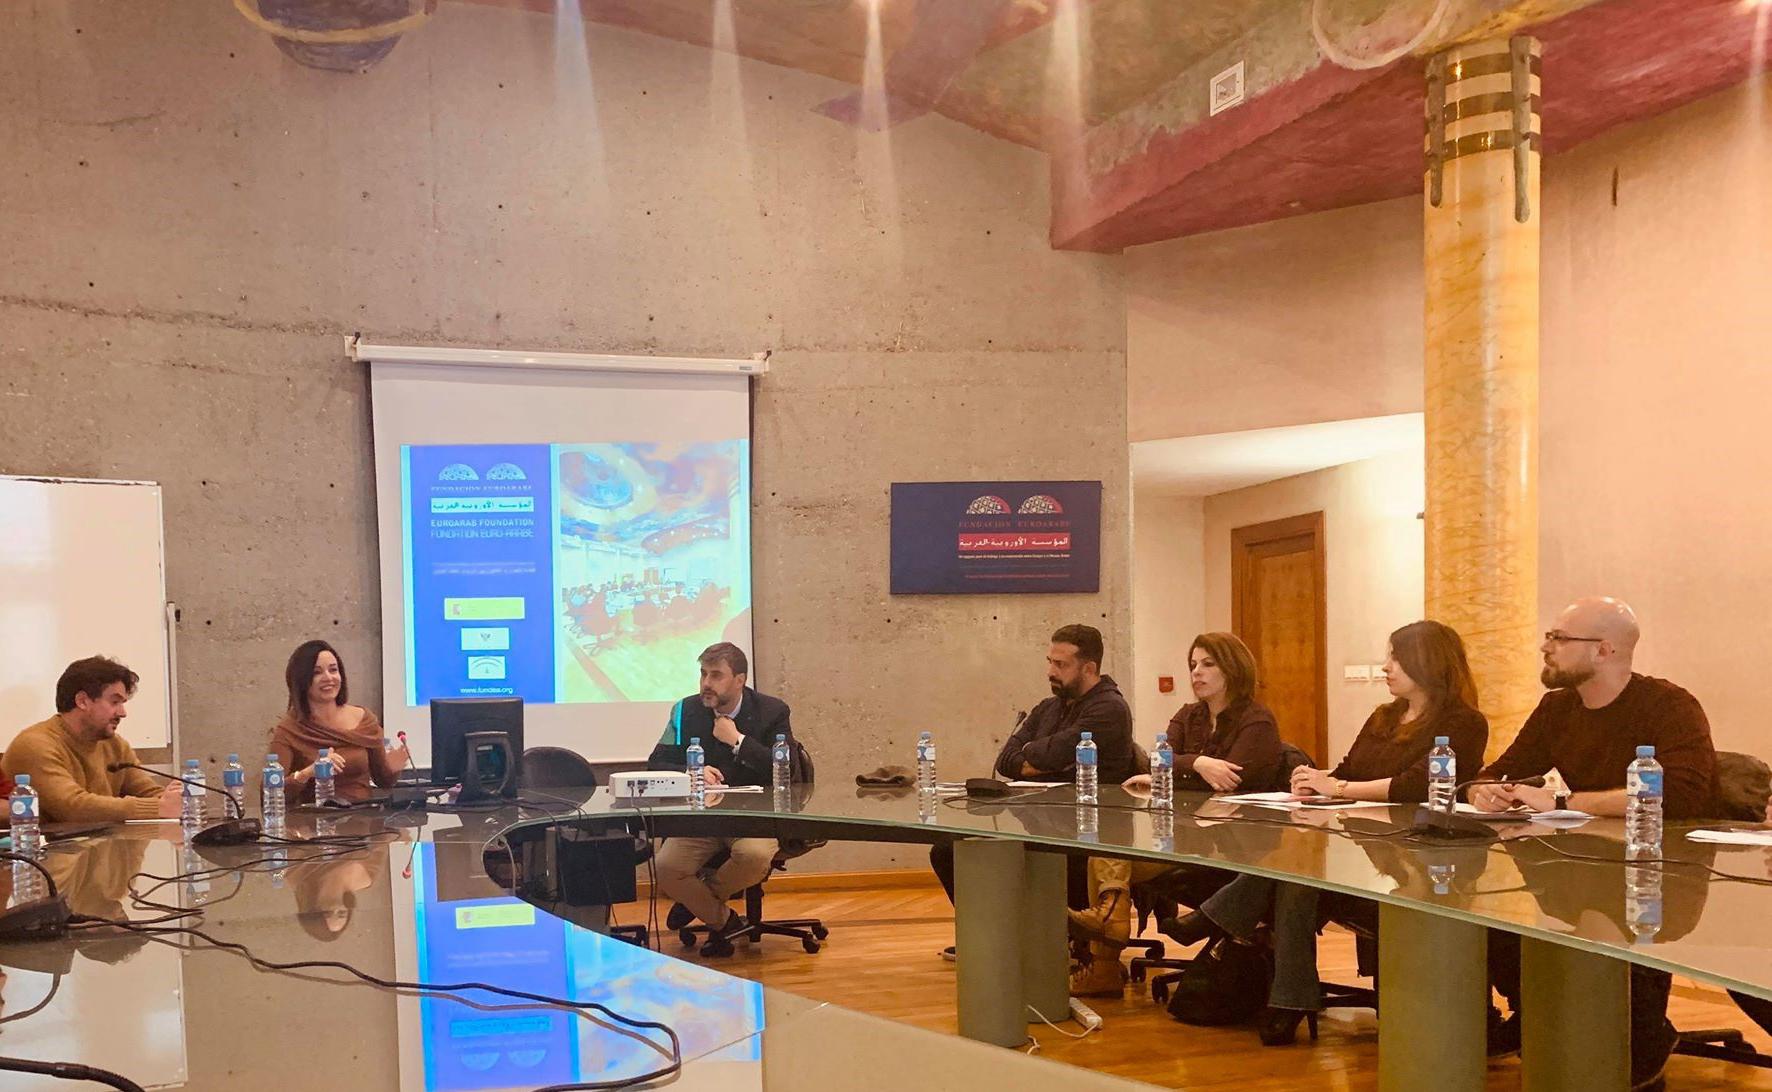 الجامعة تبدأ دورة تدريبية في جامعة غرناطة باسبانيا ضمن مشروع تعزيز الكفاءة الوطنية